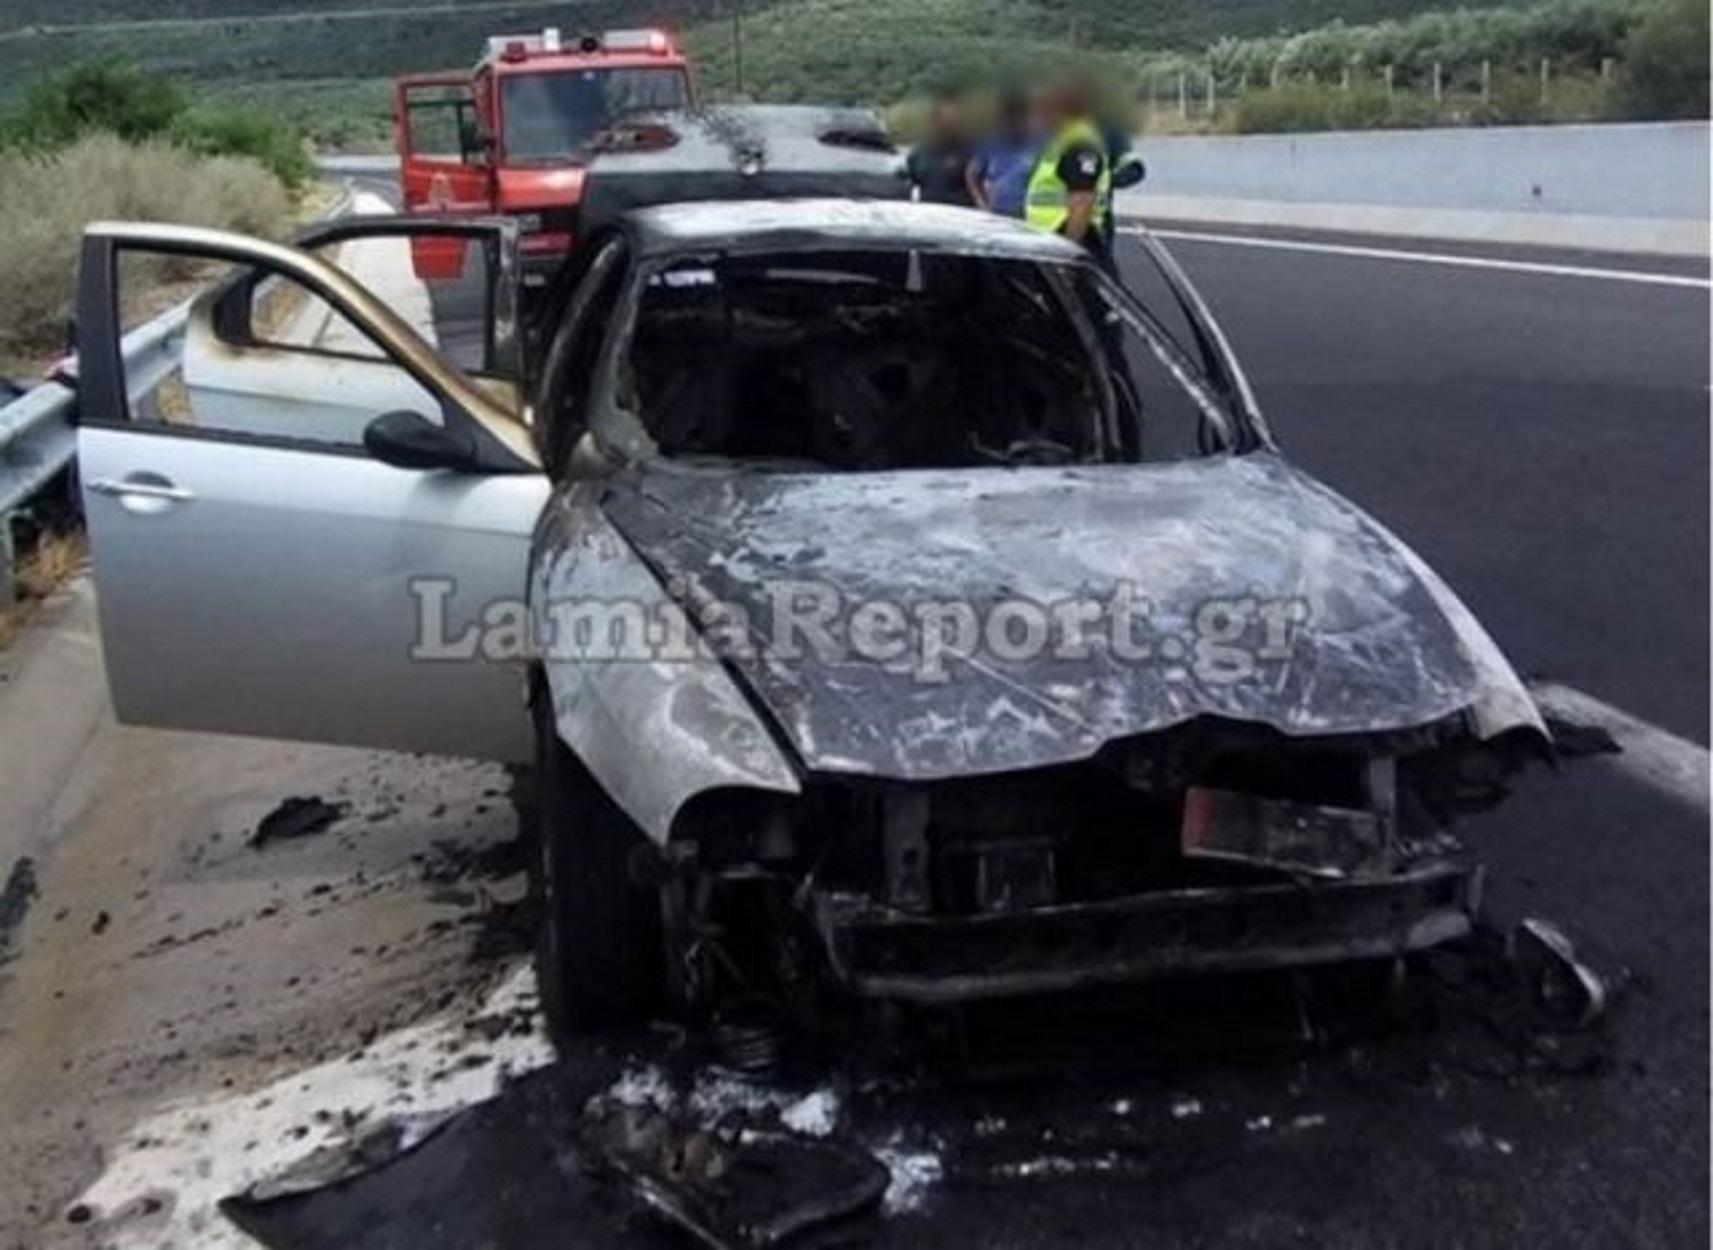 """Στυλίδα: Λαμπάδιασε αυτοκίνητο στην εθνική οδό – Έγινε… """"κάρβουνο"""" (pics)"""